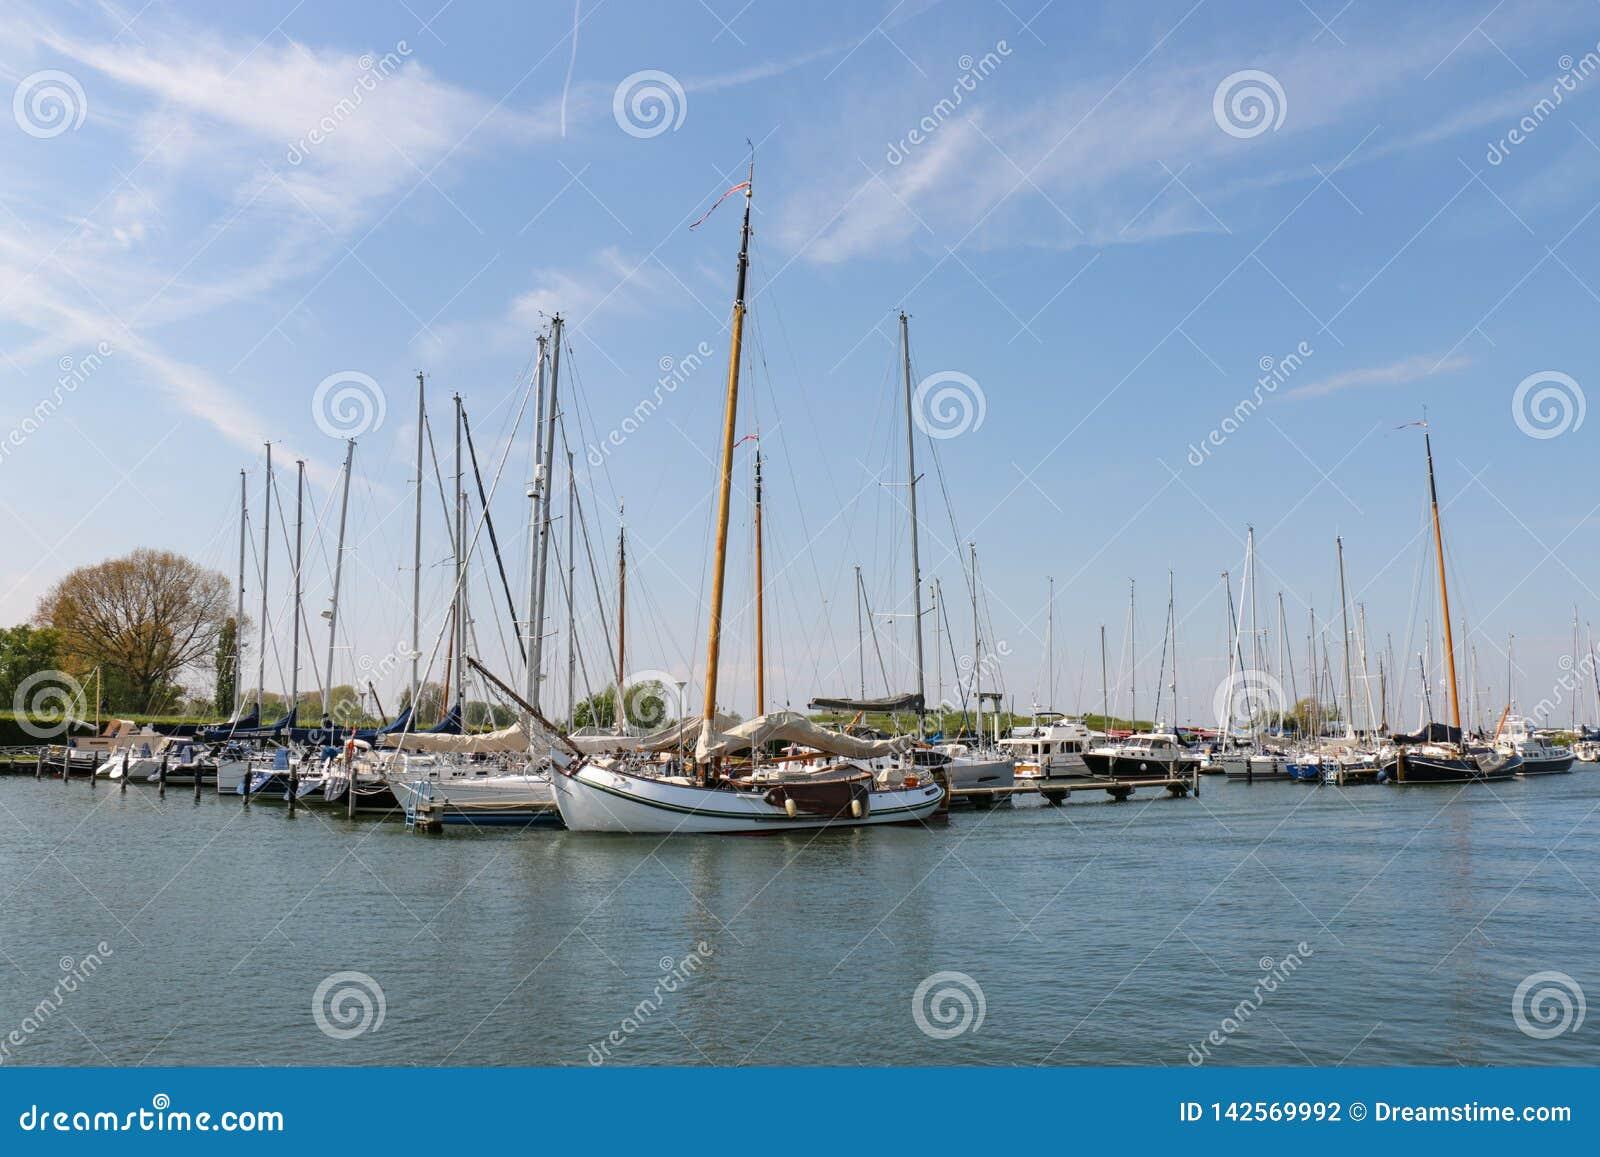 Голландские парусные судна в Марине